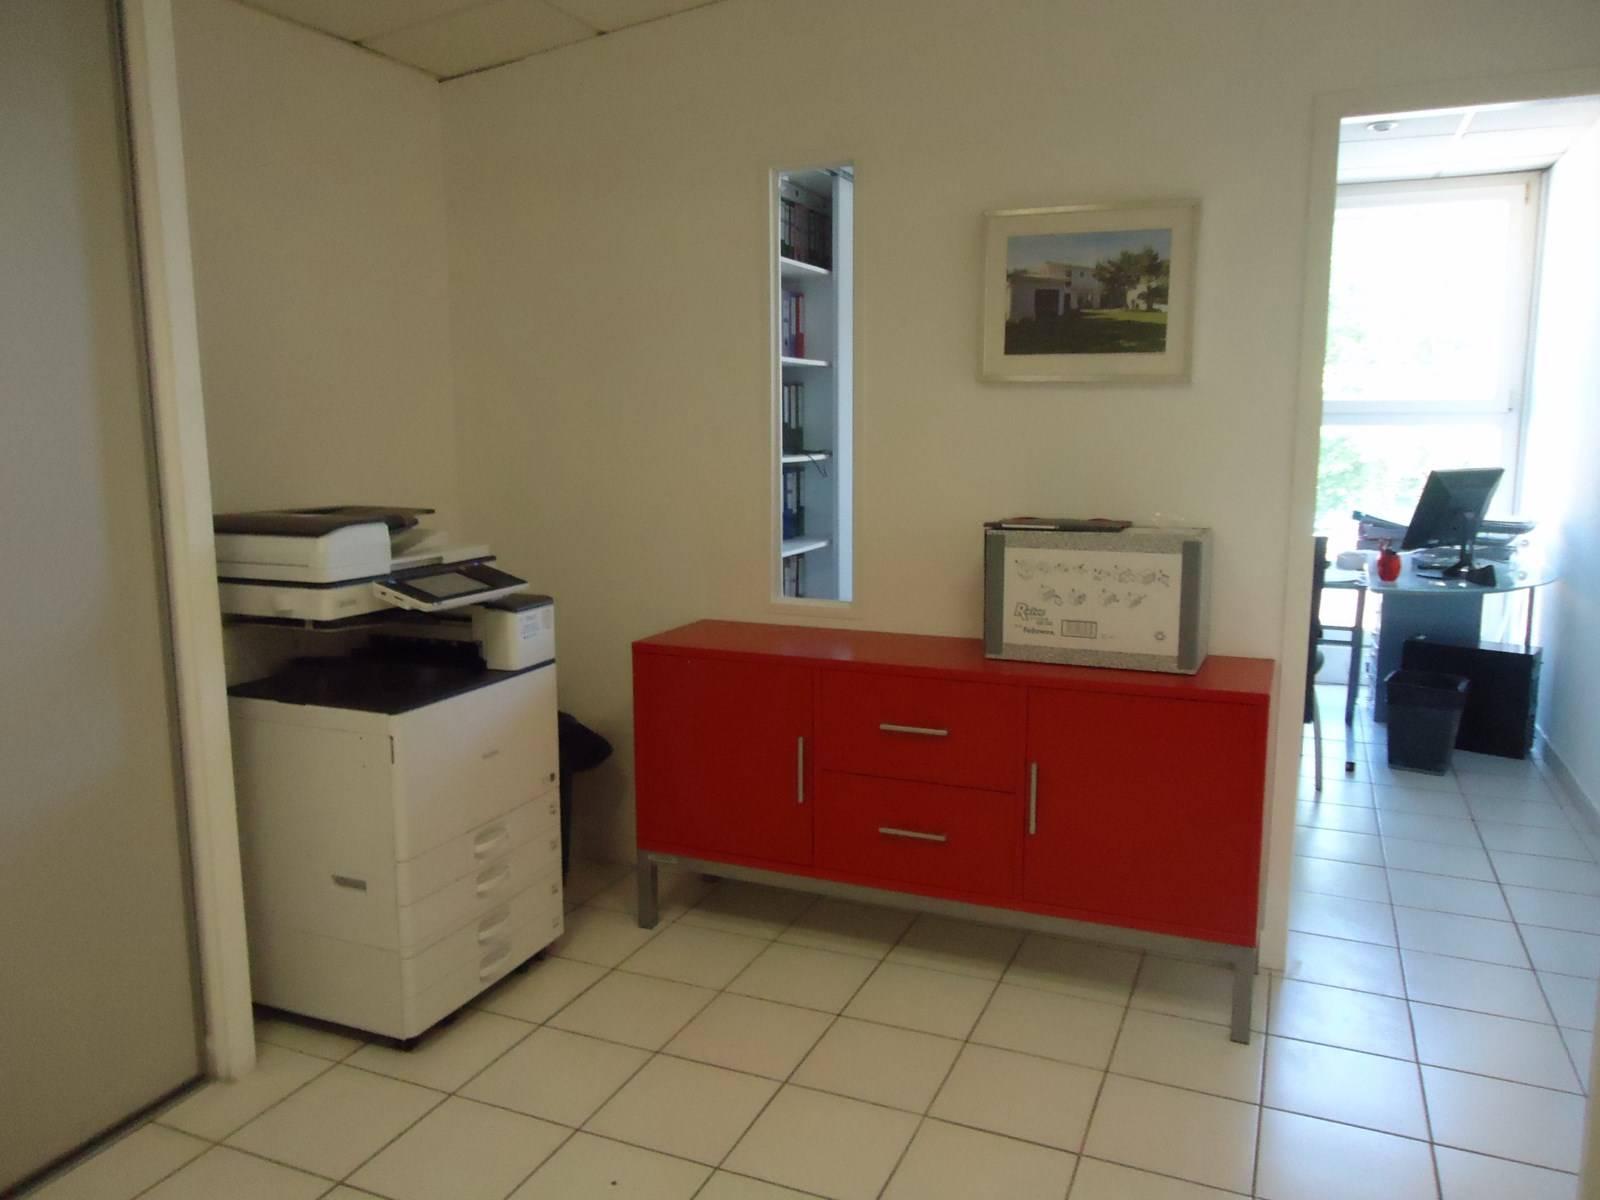 entretien et nettoyage de vos bureaux st jean de v das dans l herault a s e. Black Bedroom Furniture Sets. Home Design Ideas